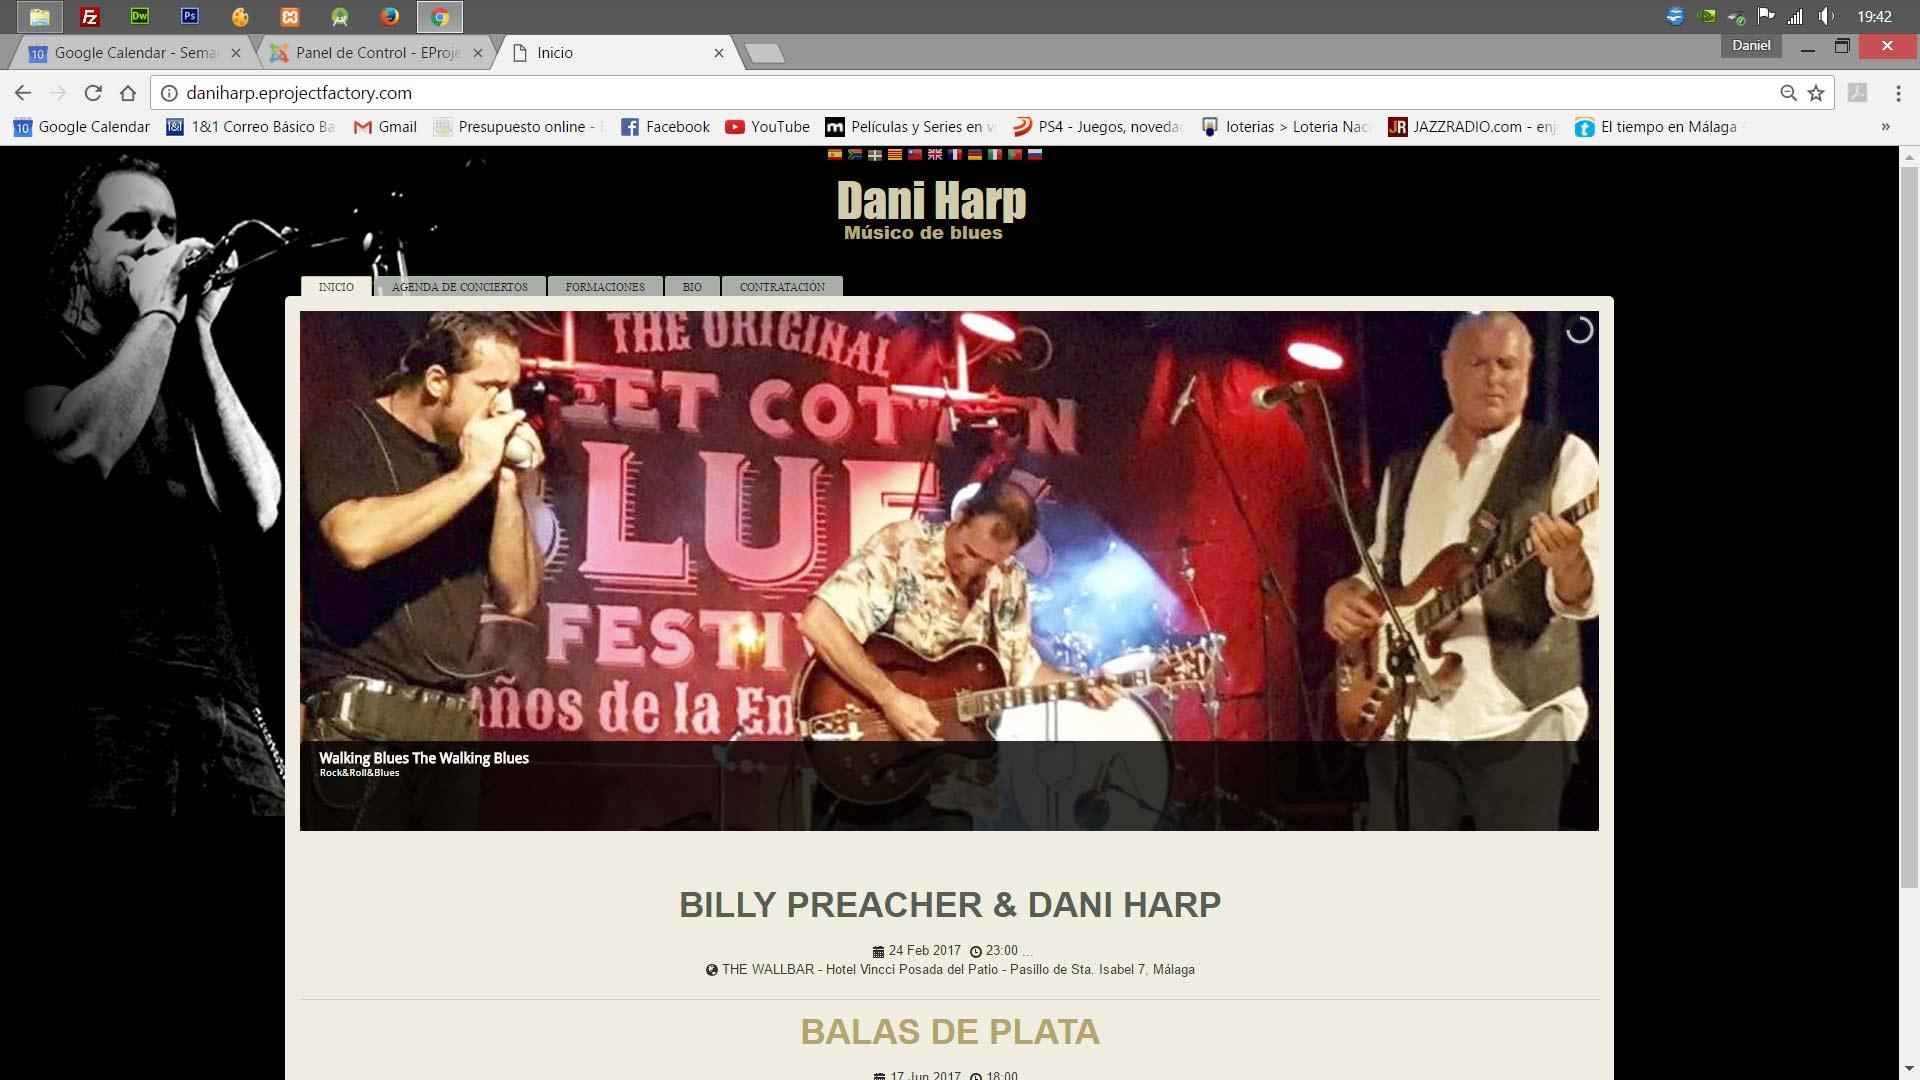 Dani Harp